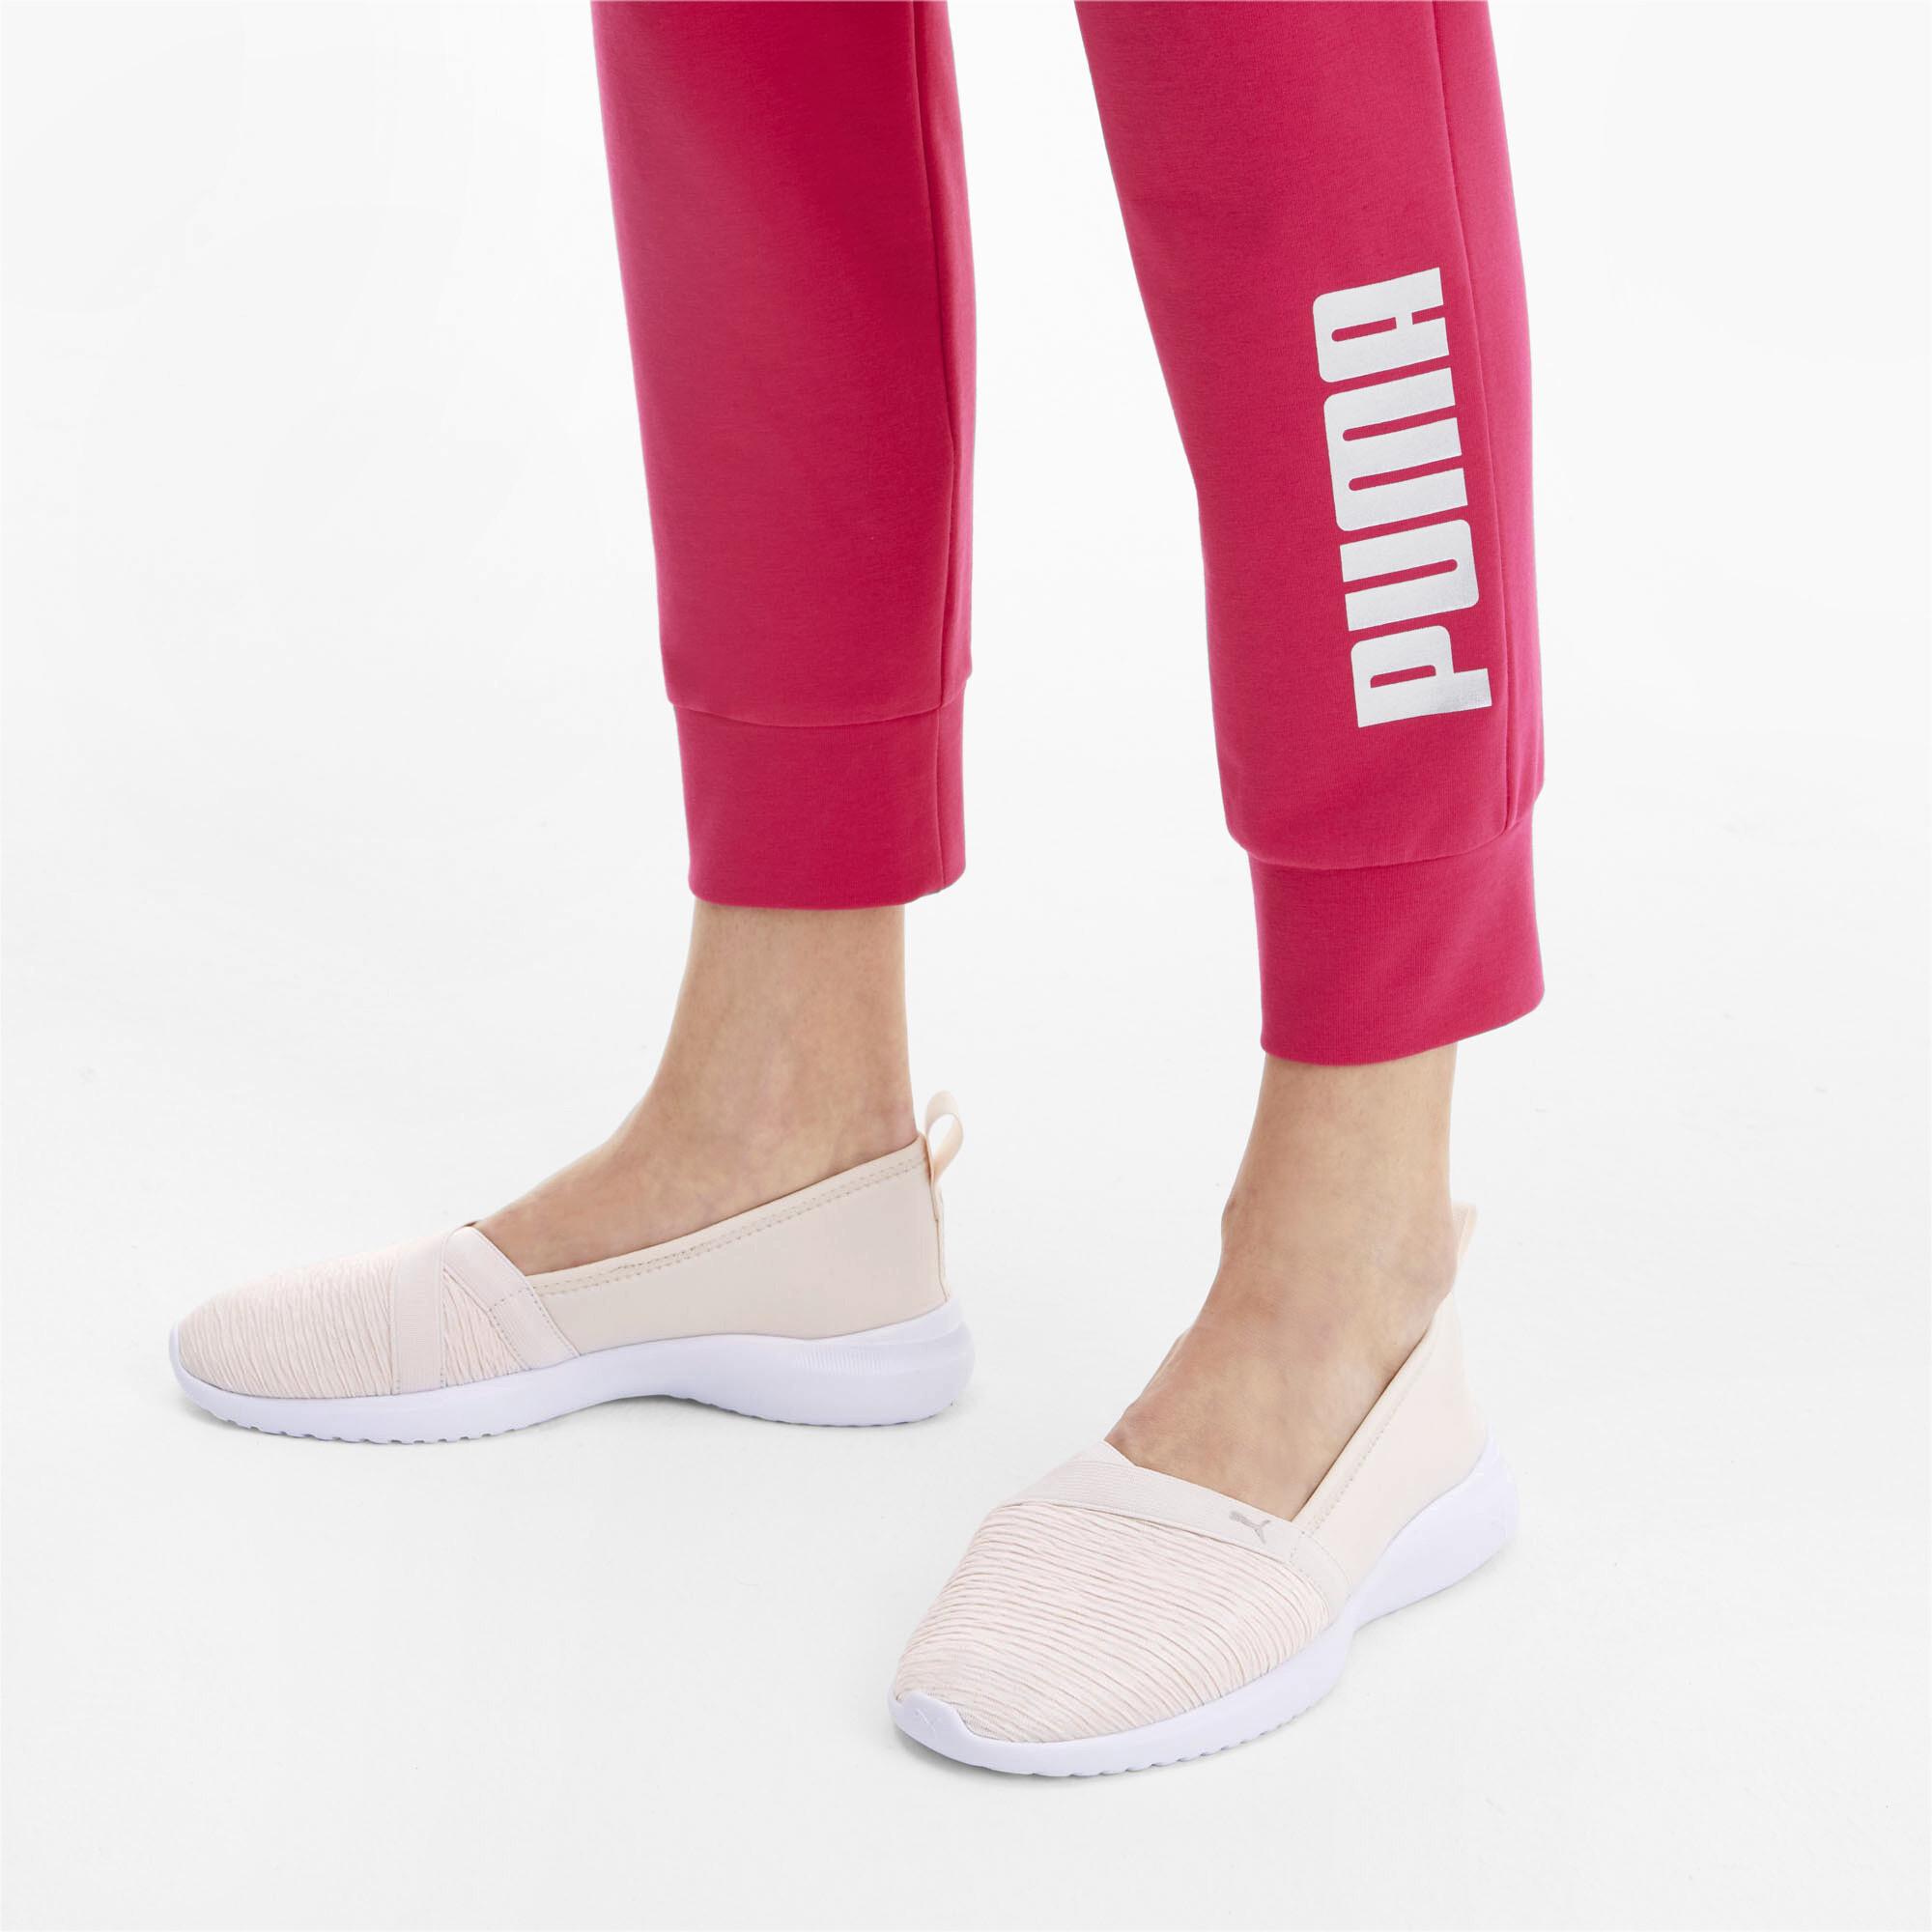 PUMA-Women-039-s-Adelina-Ballet-Shoes thumbnail 13